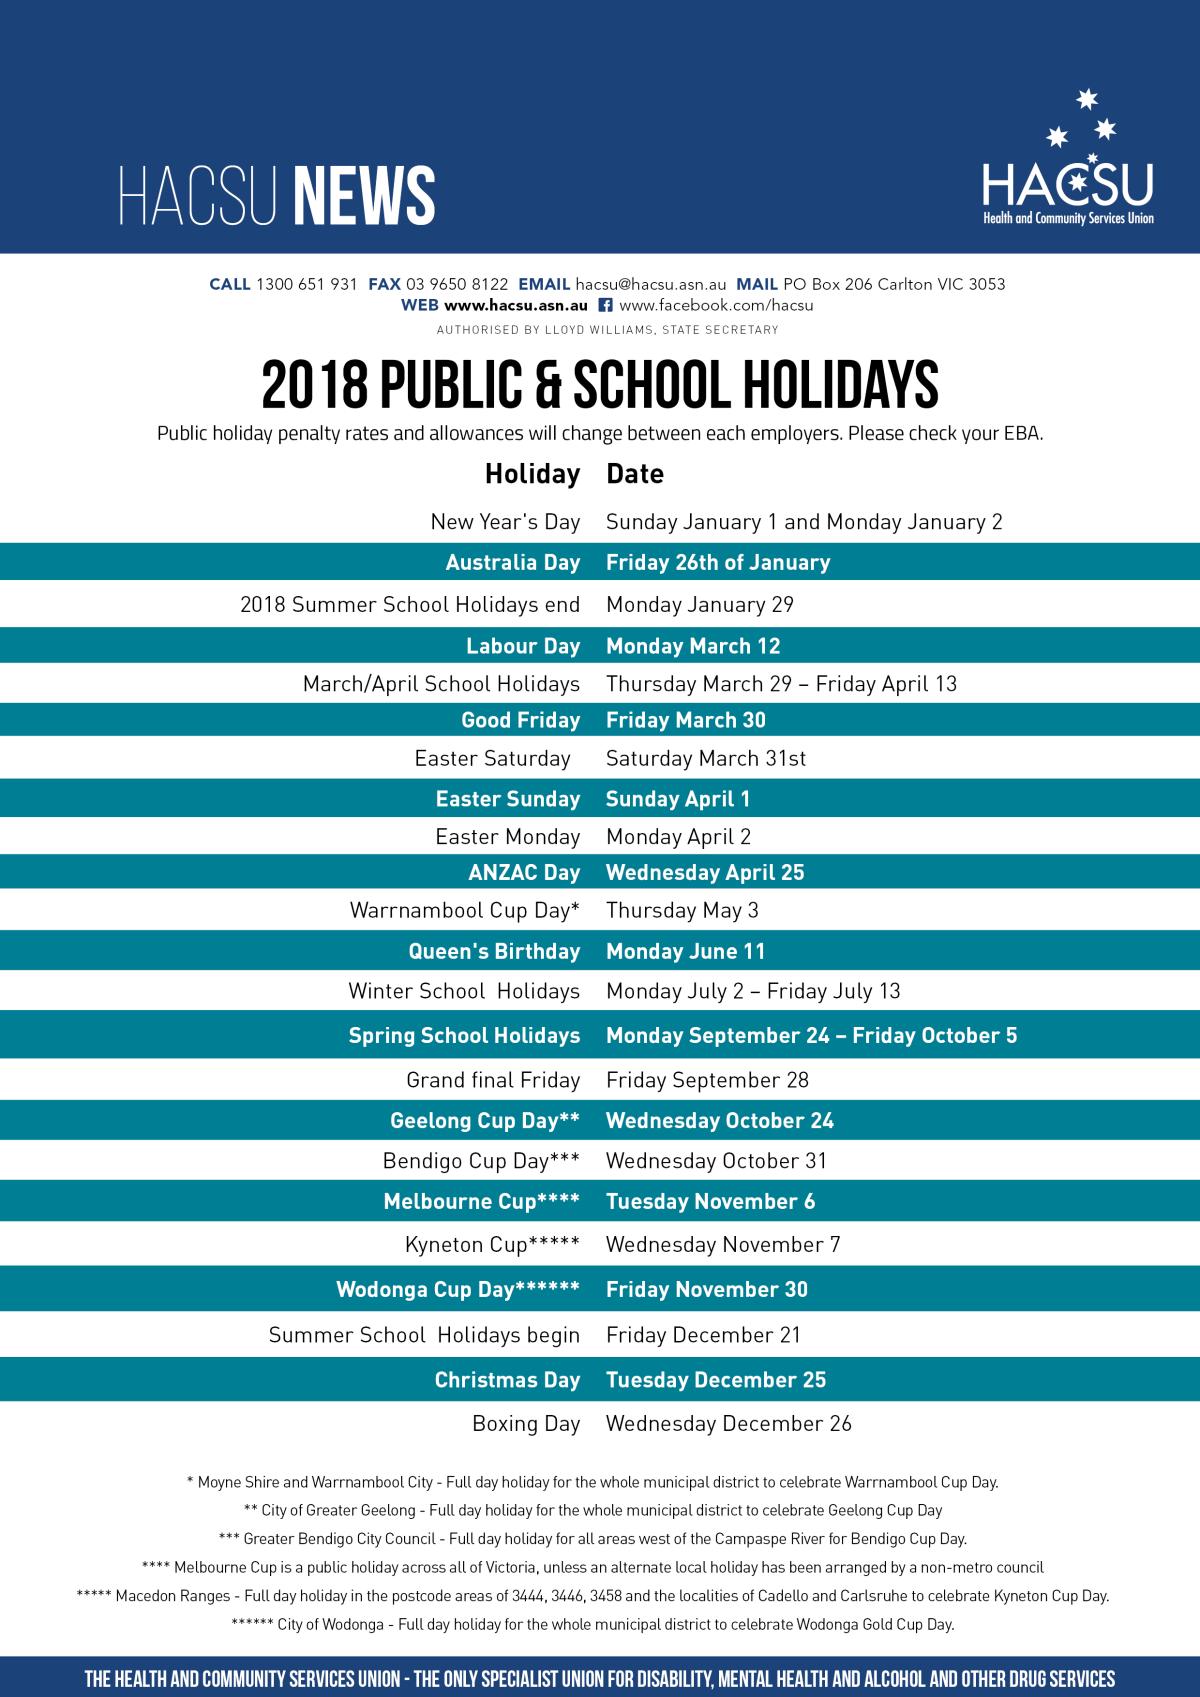 2018 Public holidays